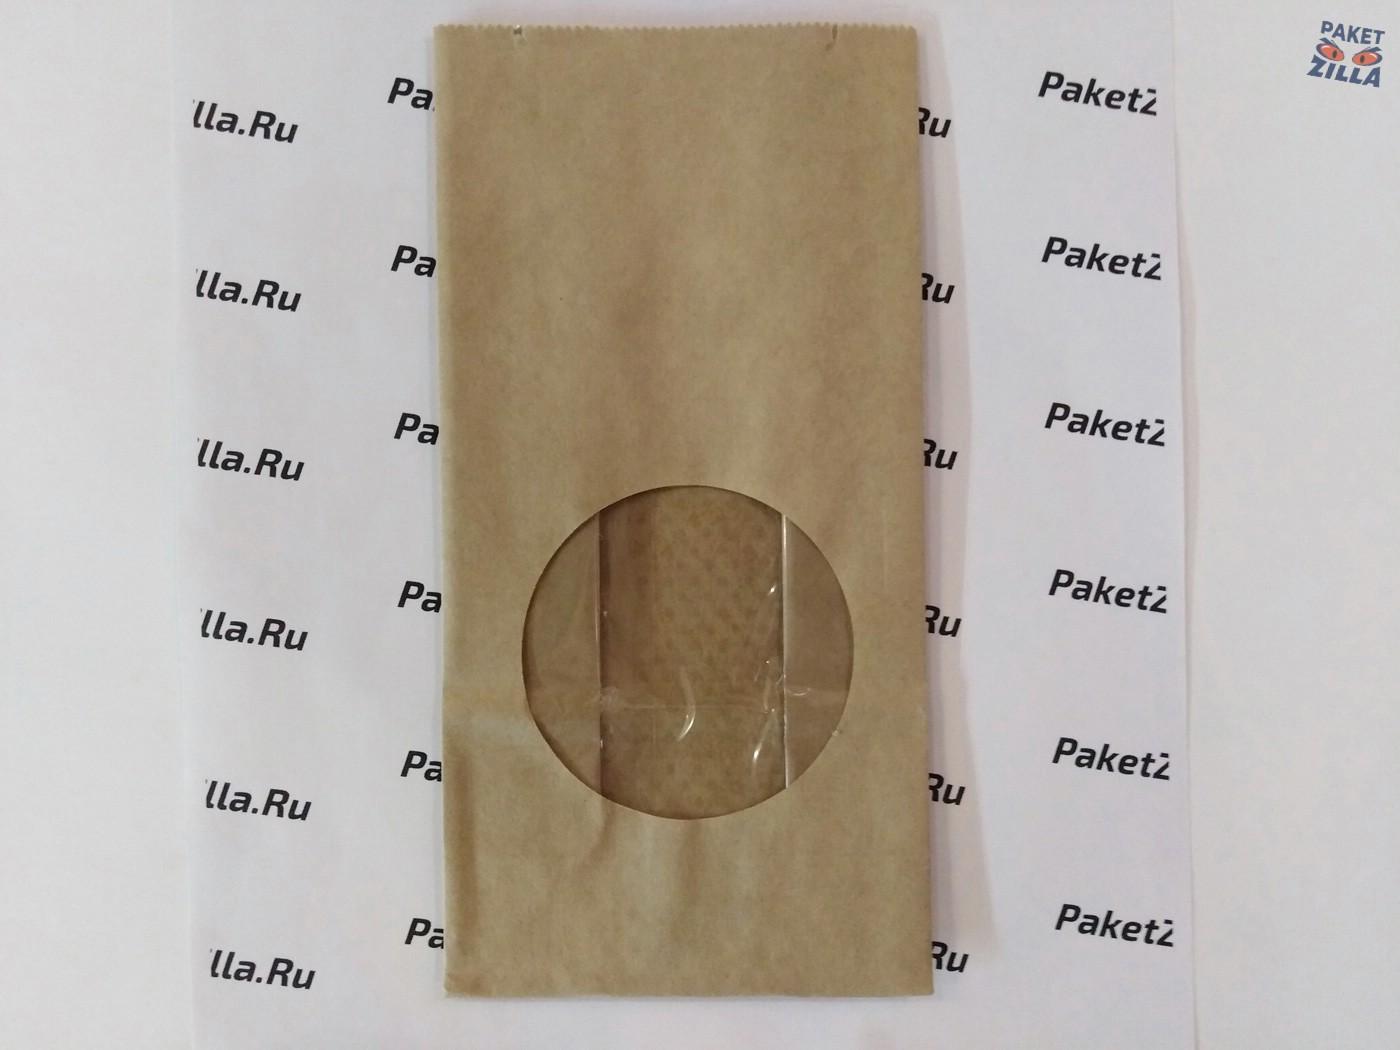 Крафт пакет 200 * 100 * 60 мм с окном. 2-х слойный. 1.